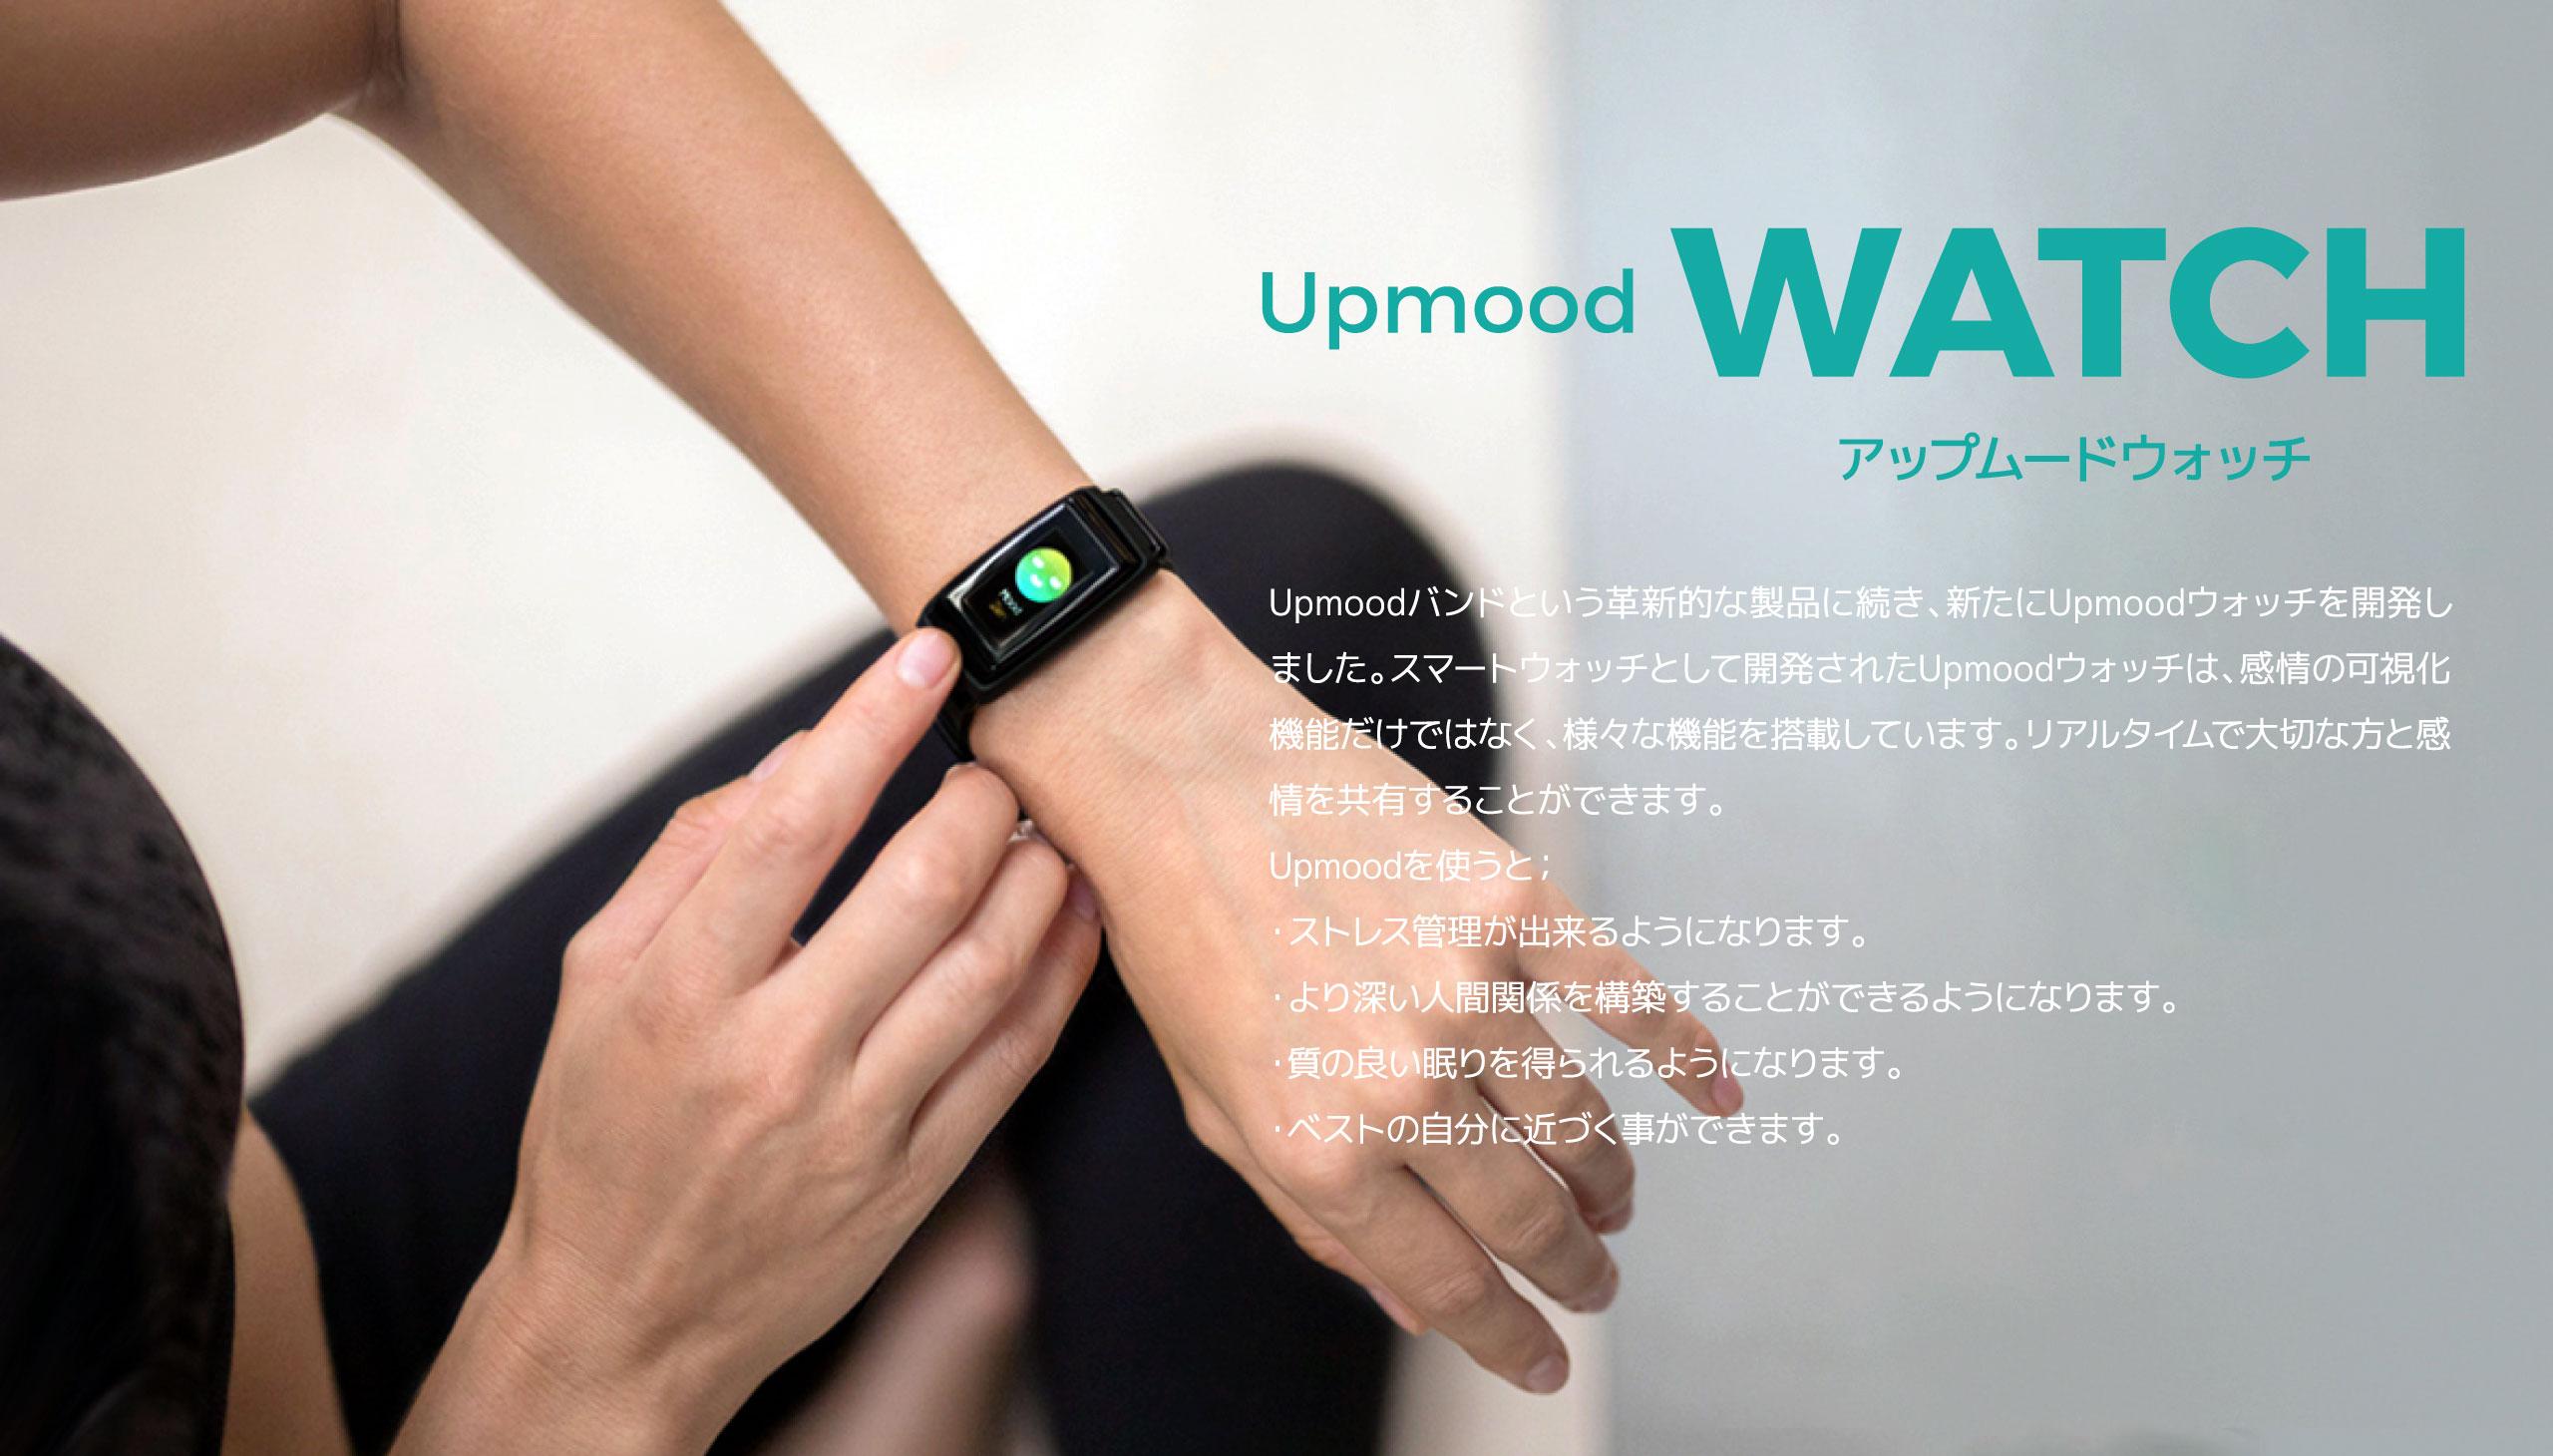 アップムードウォッチド Upmood WATCH